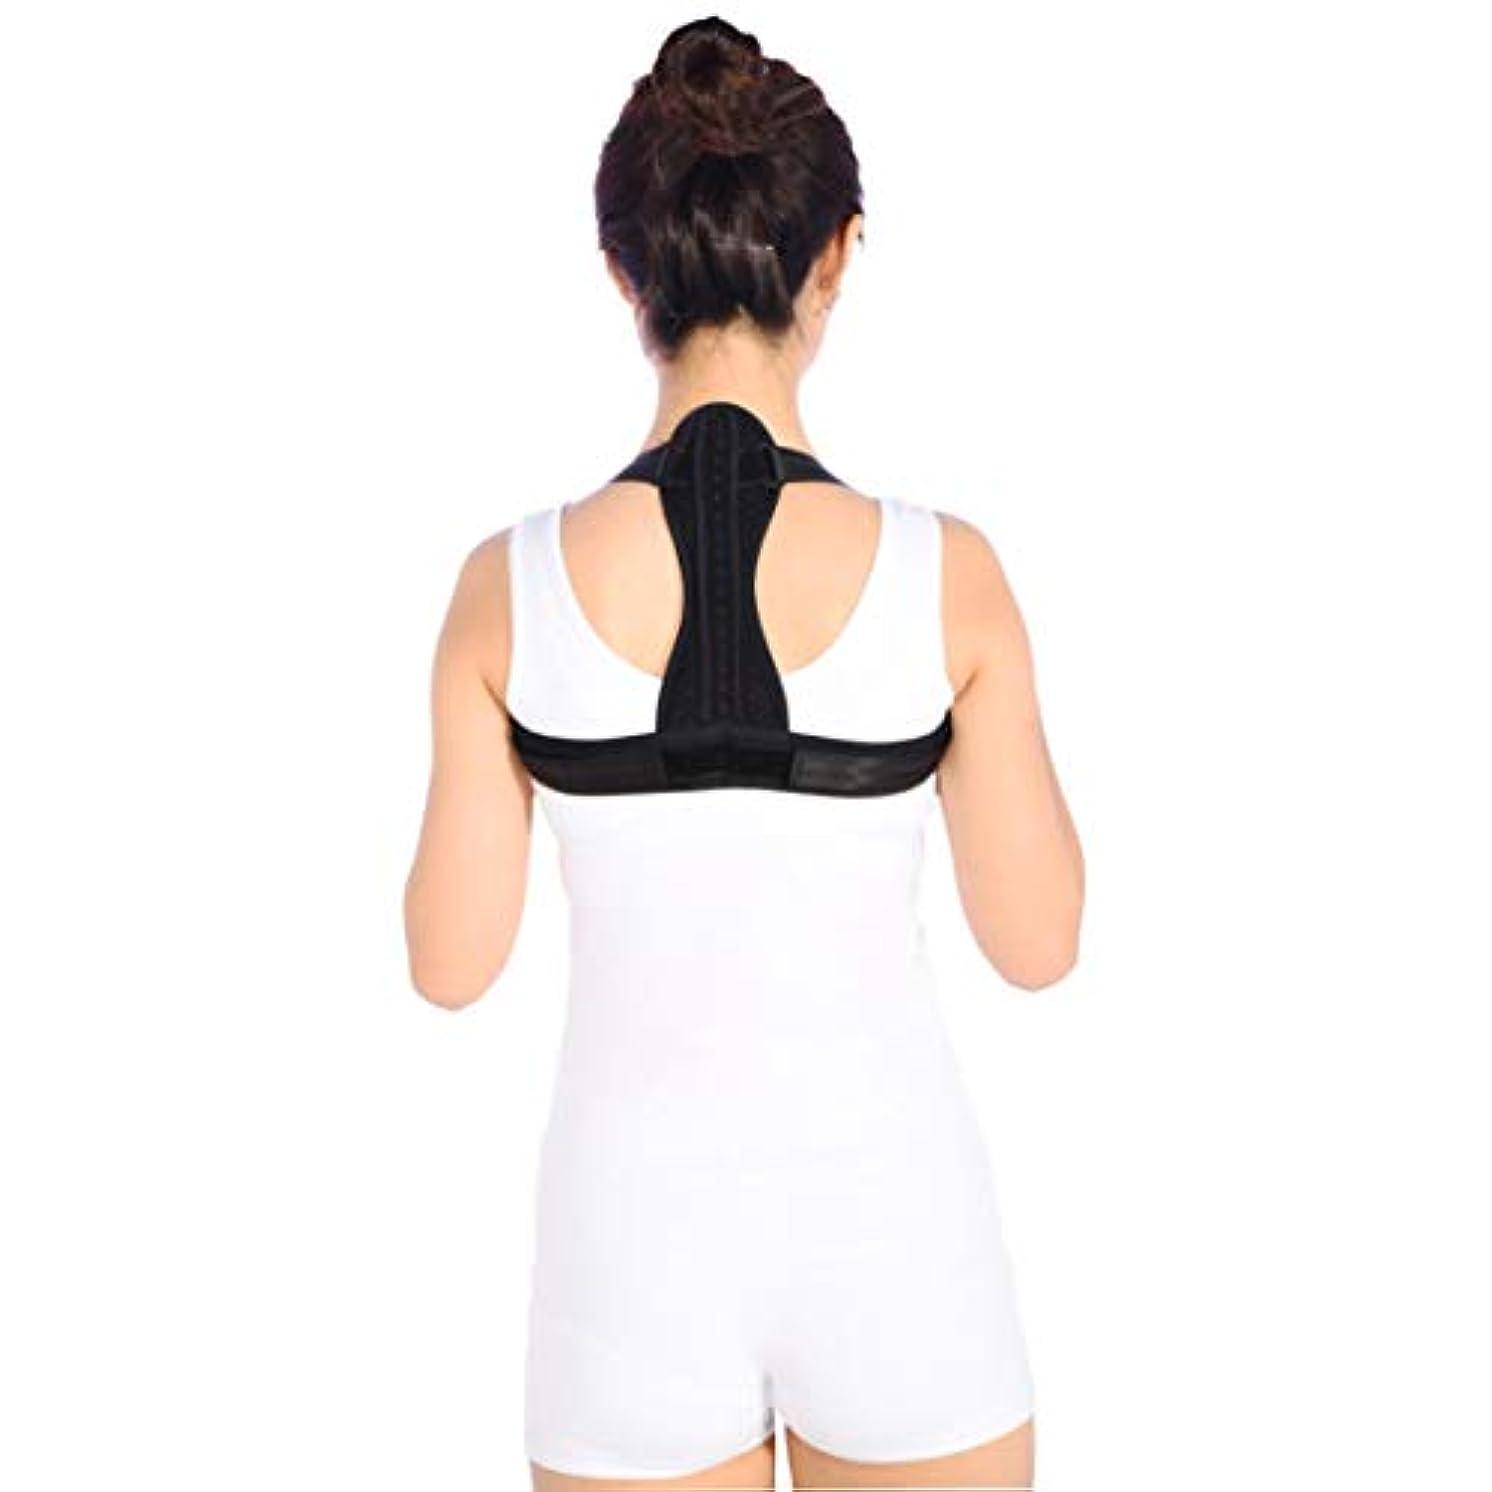 行商納得させるする必要がある通気性の脊柱側弯症ザトウクジラ補正ベルト調節可能な快適さ目に見えないベルト男性女性大人学生子供 - 黒